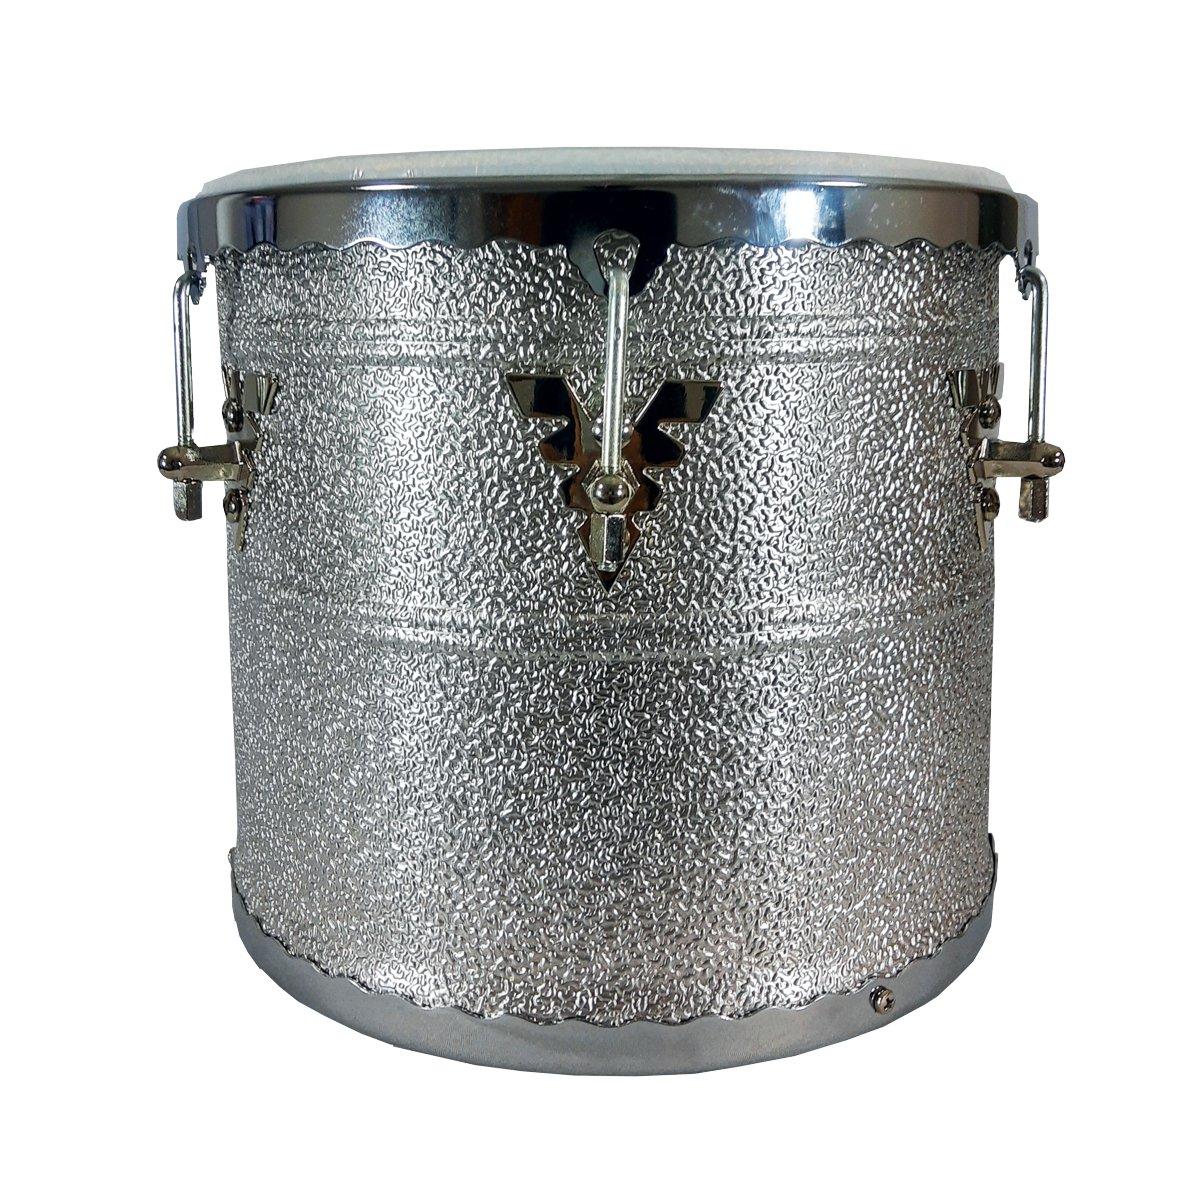 Repique Phx Aluminio Texturizado 12 x 30cm